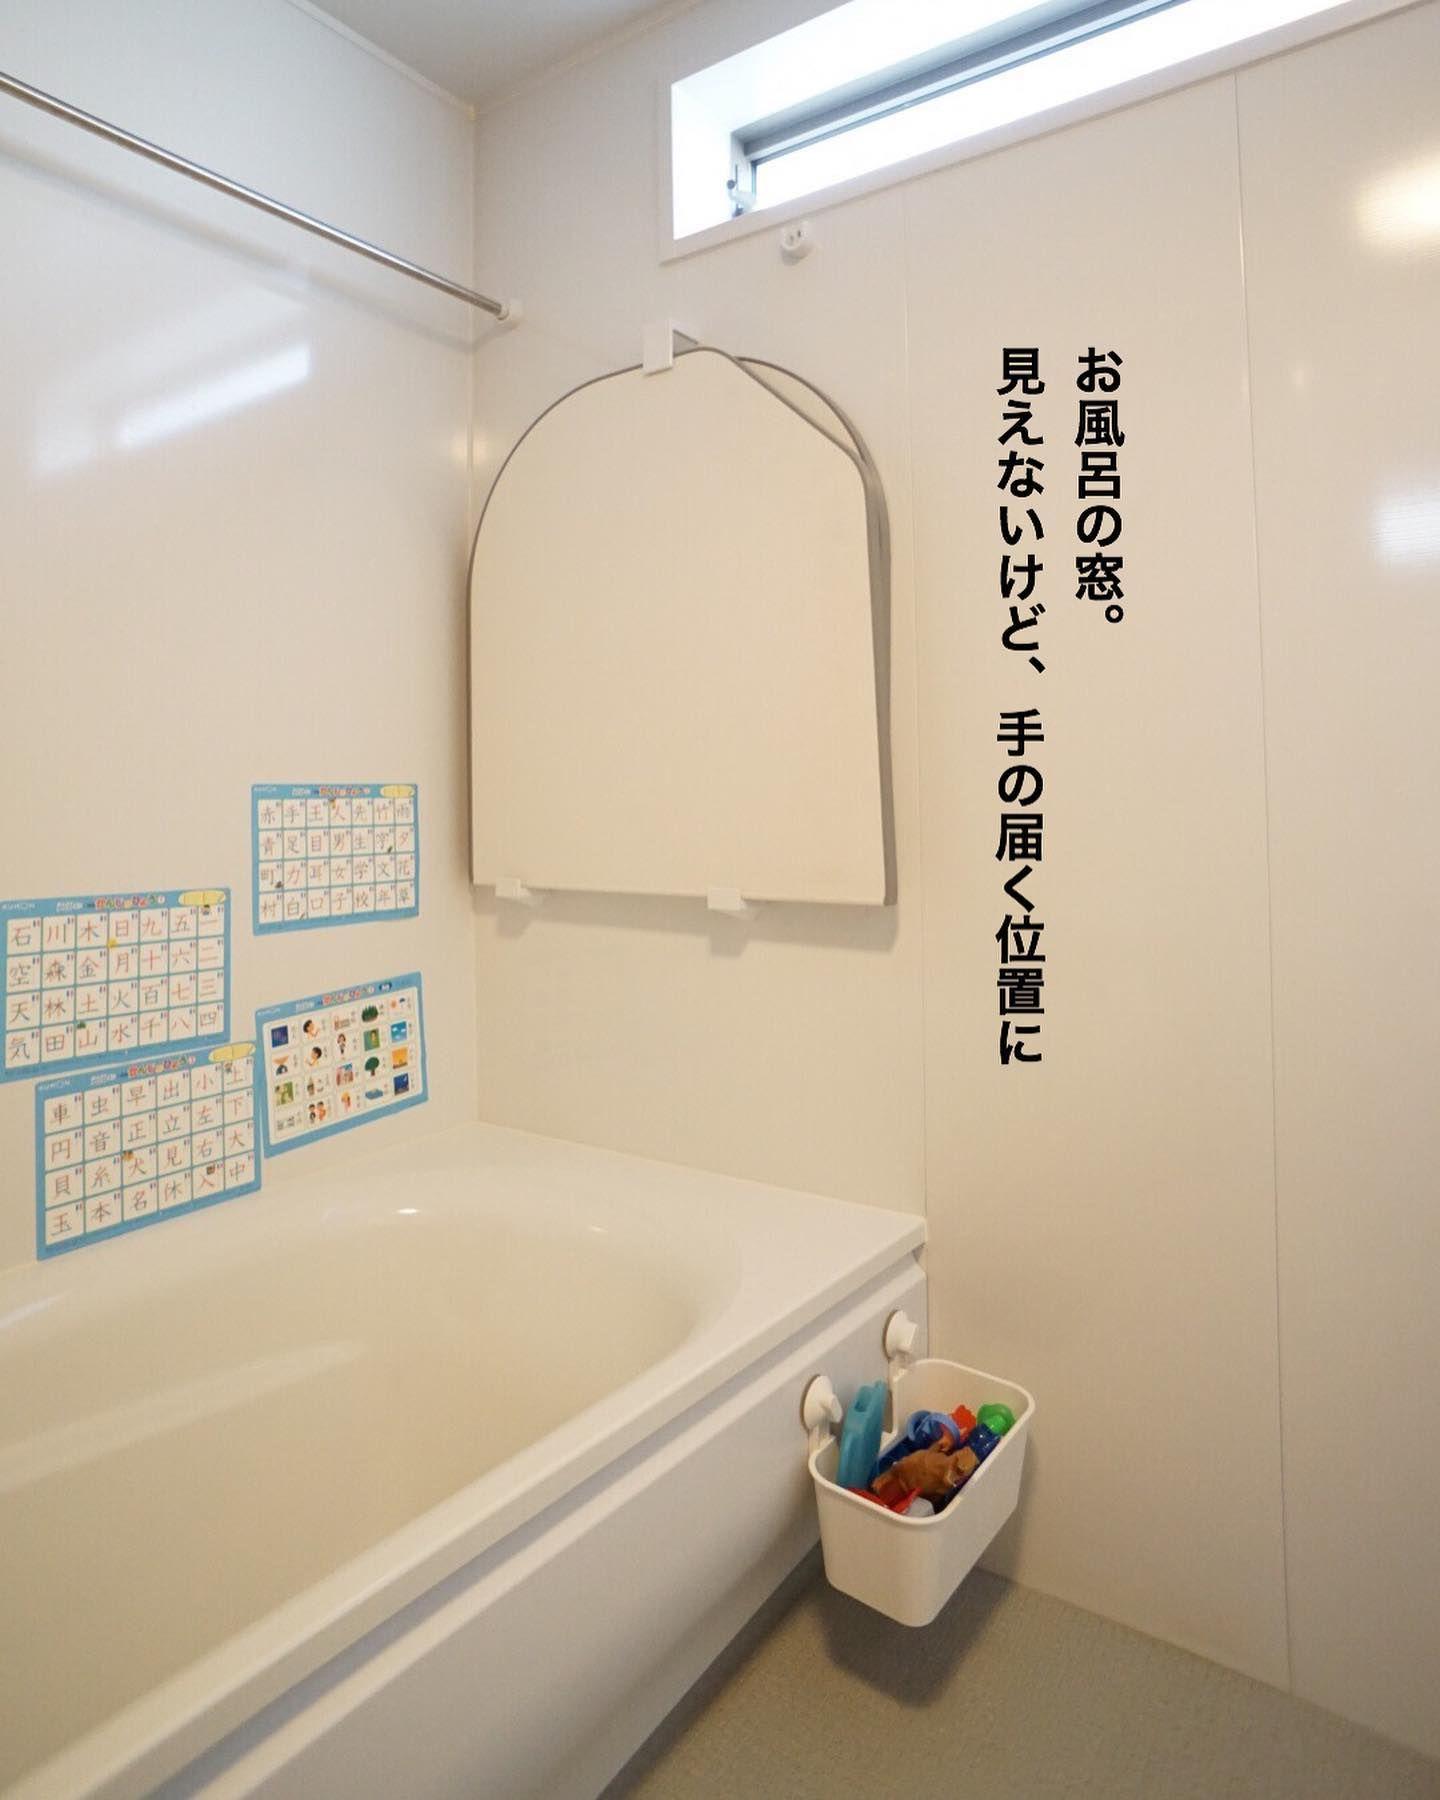 窓 おしゃれまとめの人気アイデア Pinterest ピンタレス子 浴室 扉 ランドリールーム バスルーム お風呂場